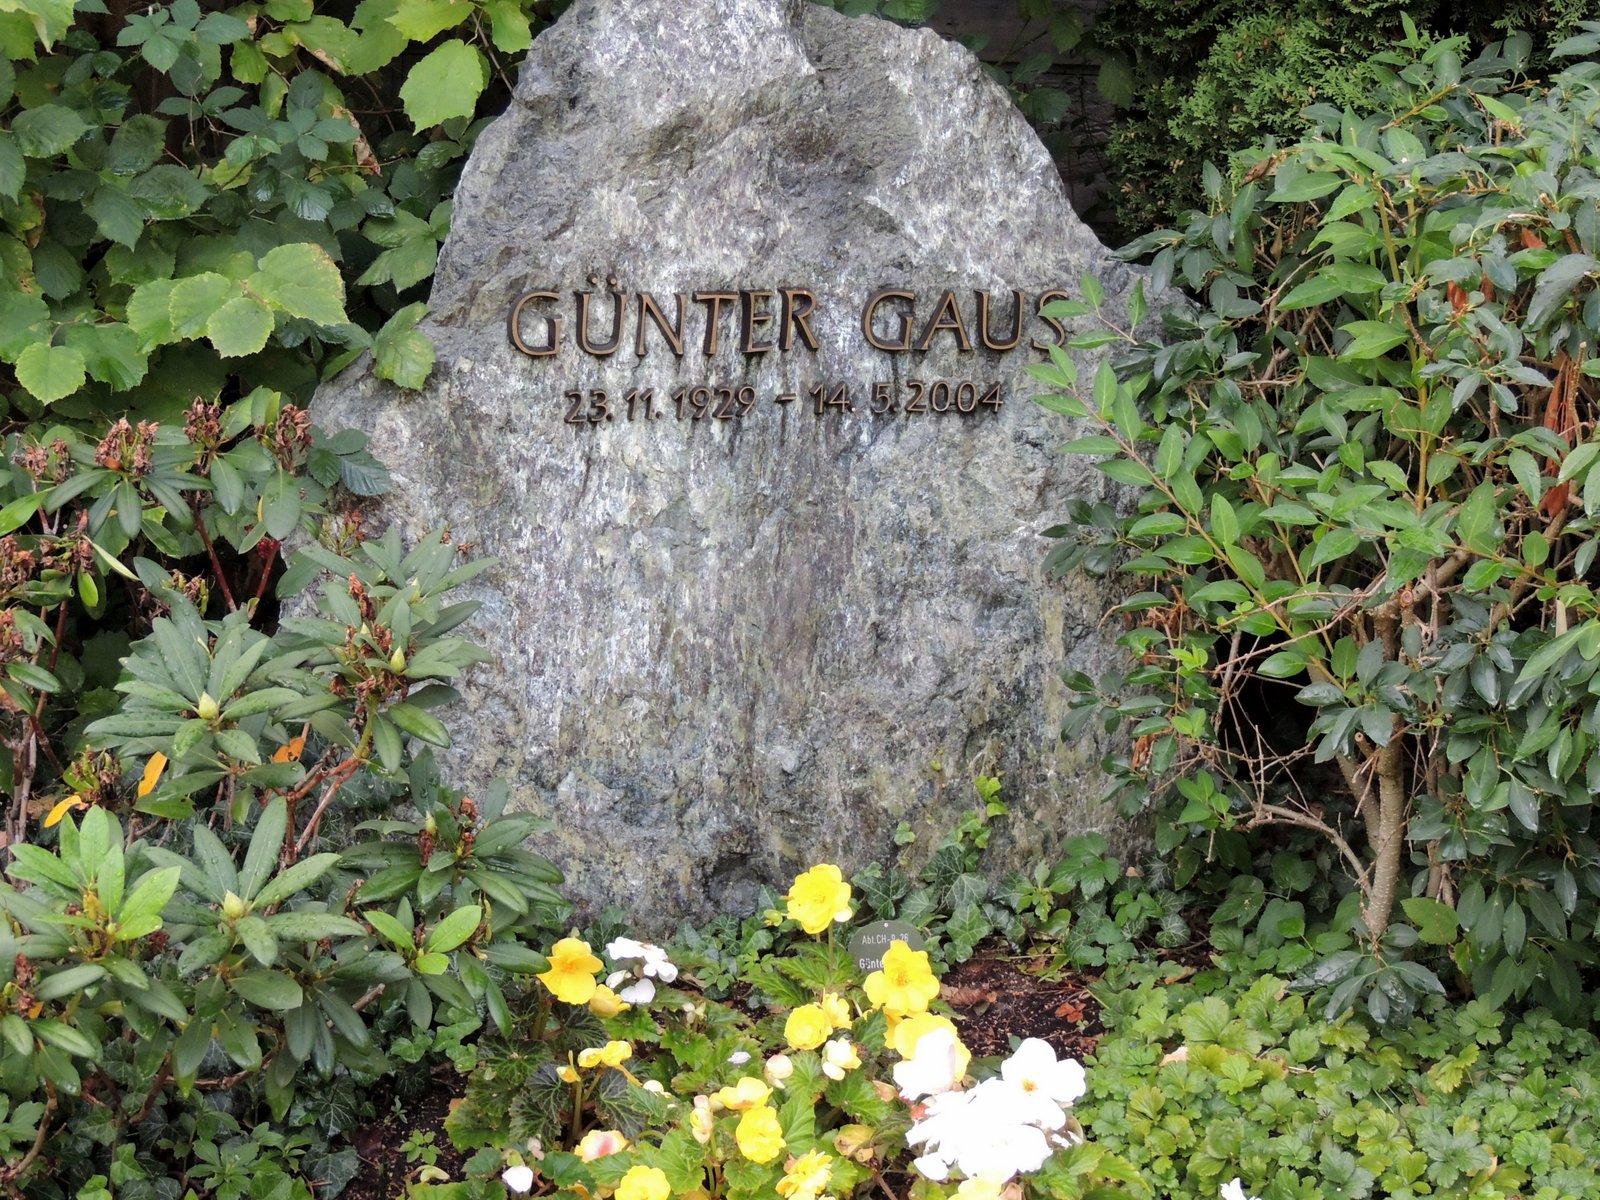 Dorotheenstädtischer Friedhof Berlin-Mitte - Günter Gaus